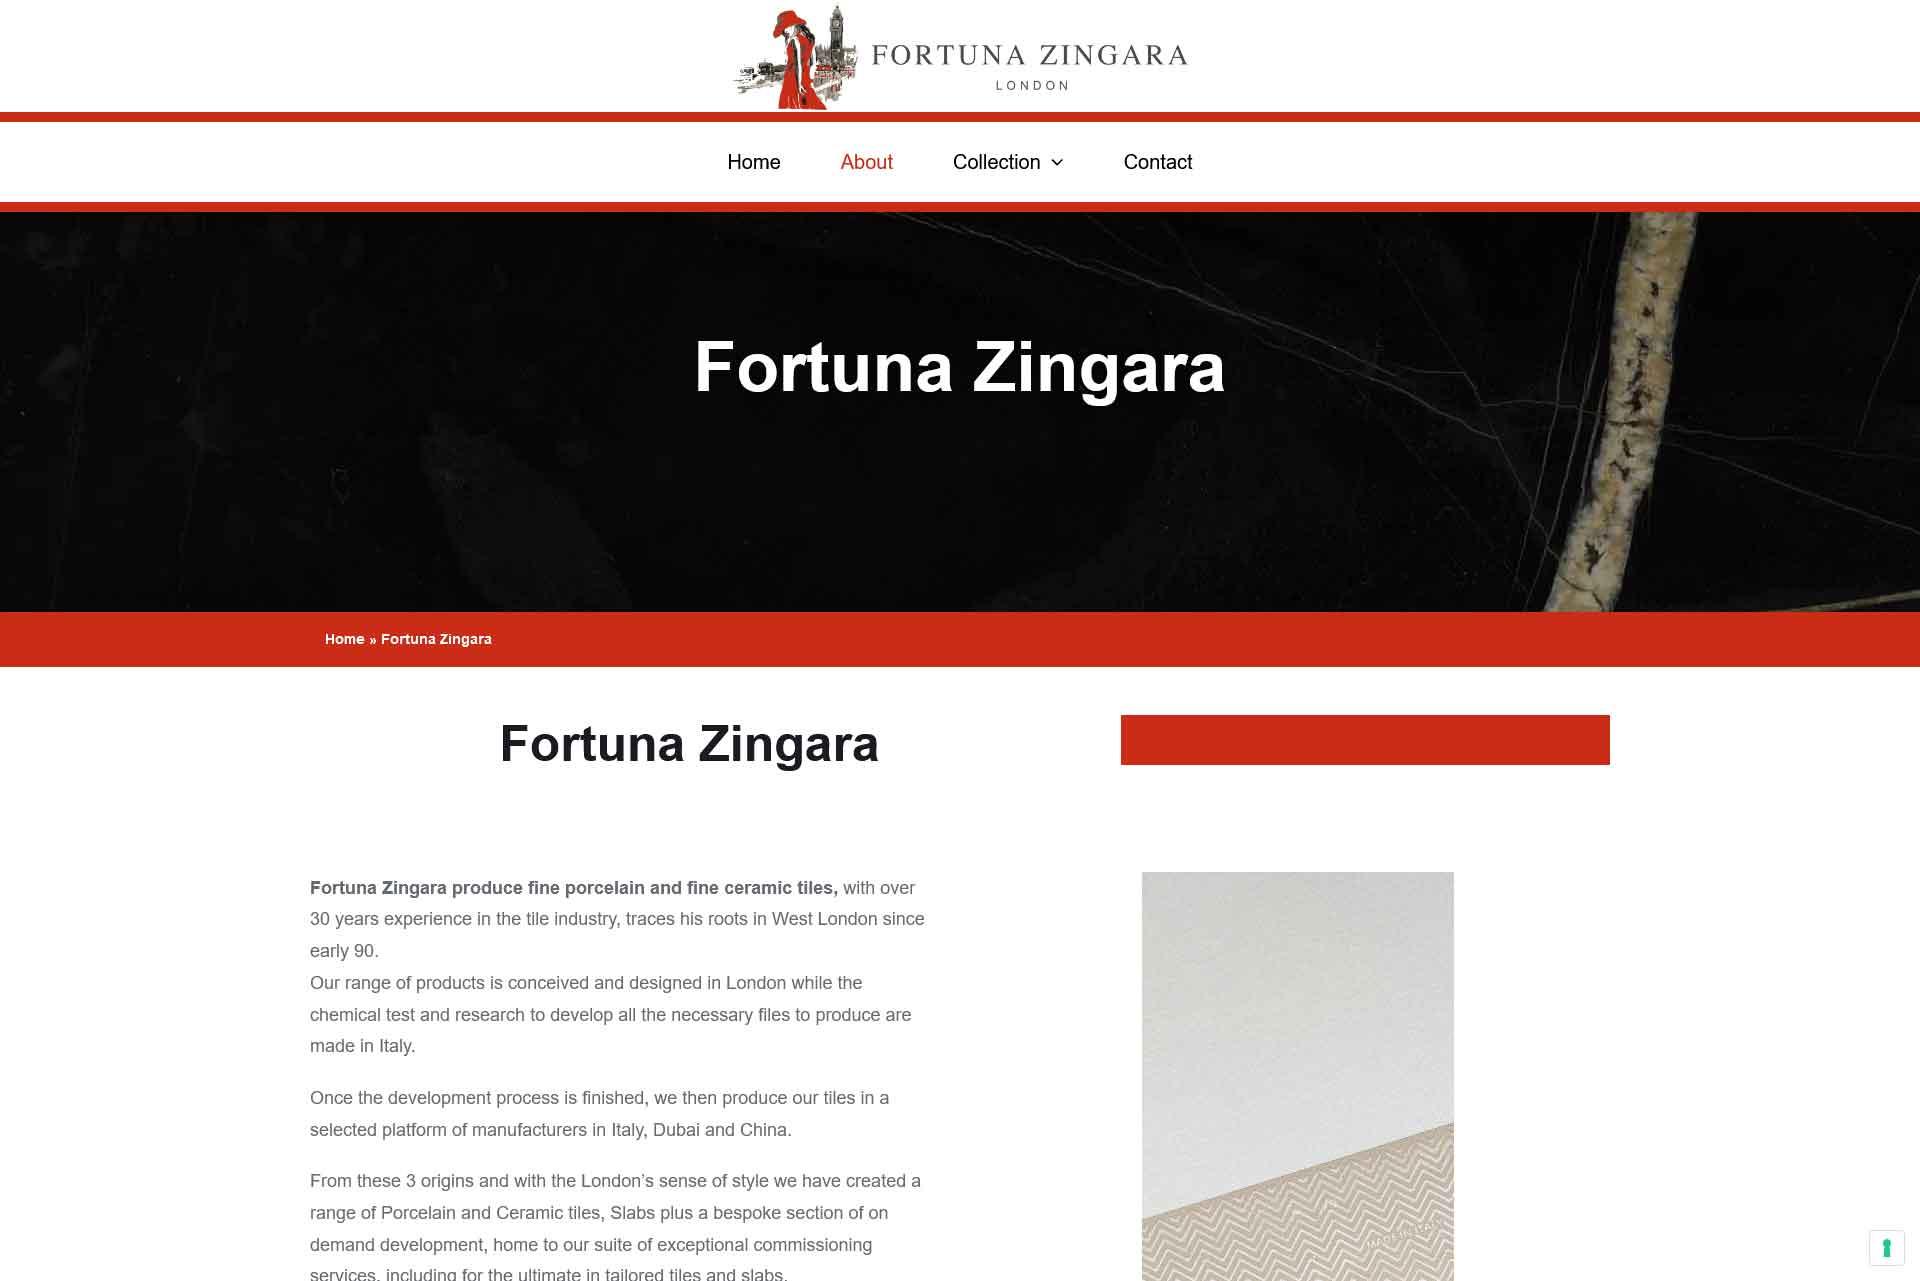 lv-design-realizzazione-siti-web-bologna-portfolio-fortuna-zingara-slide-4